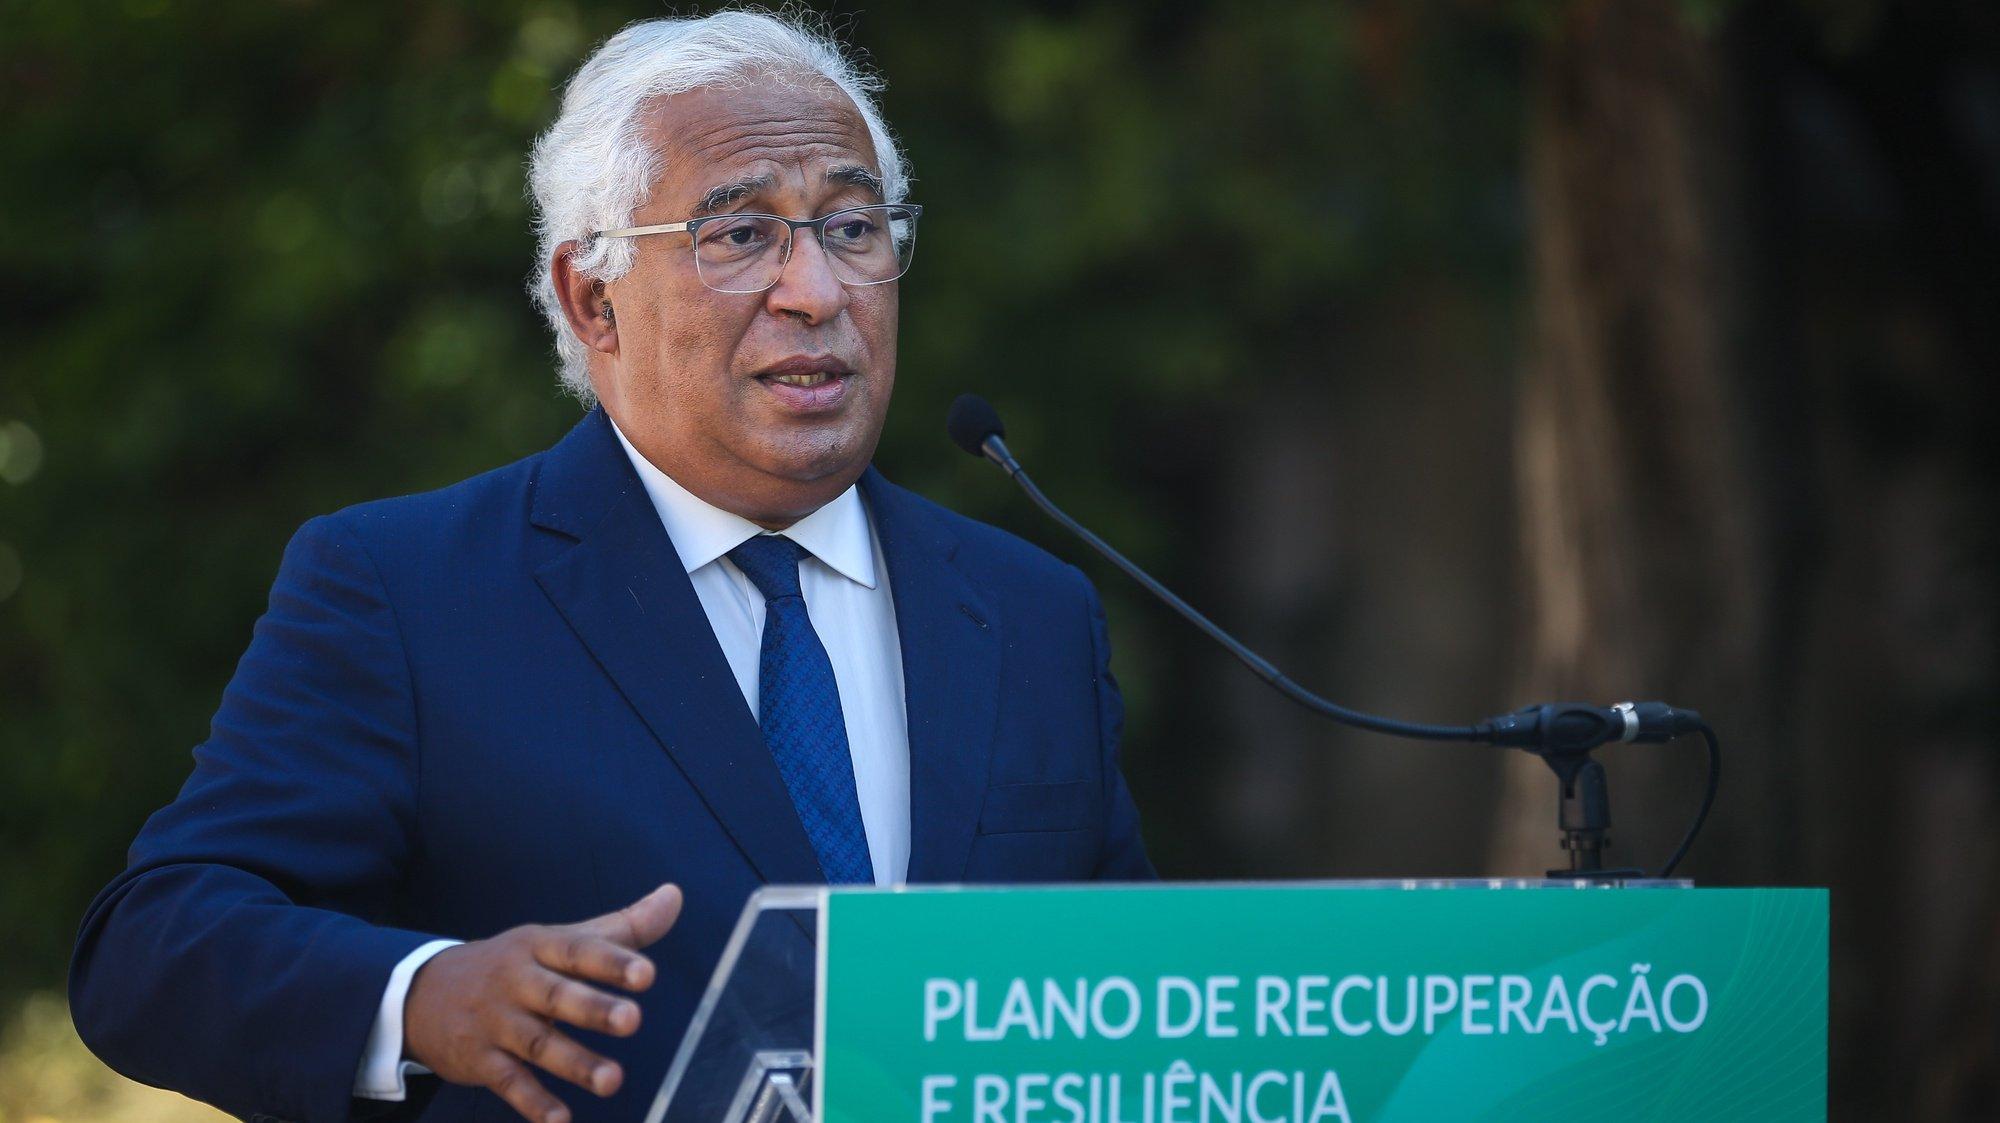 O primeiro-ministro, António Costa, discursa durante a cerimónia da apresentação dos investimentos do Plano de Recuperação e Resiliência (PRR) na área da Habitação, em Lisboa, 09 de julho de 2021. RODRIGO ANTUNES/LUSA